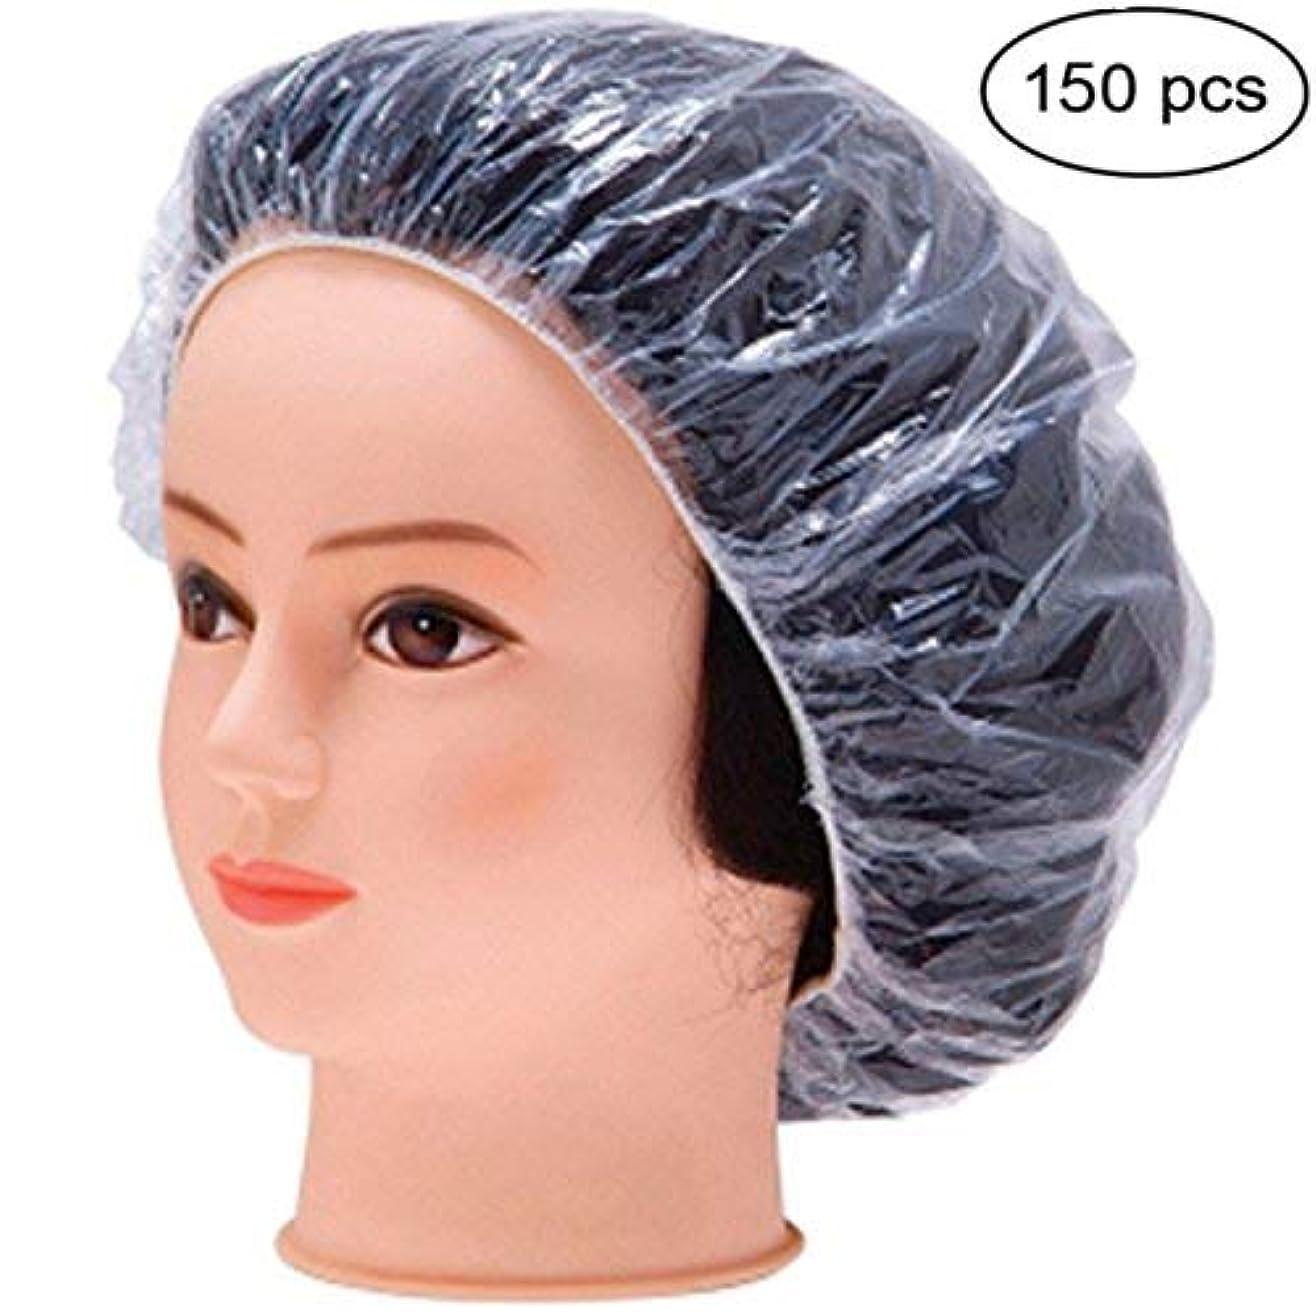 断線ソビエトカセット使い捨て シャワーキャップ 150枚入り プロワーク ヘアキャップ 防水透明プラスチック製シャワーキャップ 、弾性の水浴帽子、加工帽子、女性の美容帽ダストハットスパ、ヘアサロン、ホームユースホテル等で使用